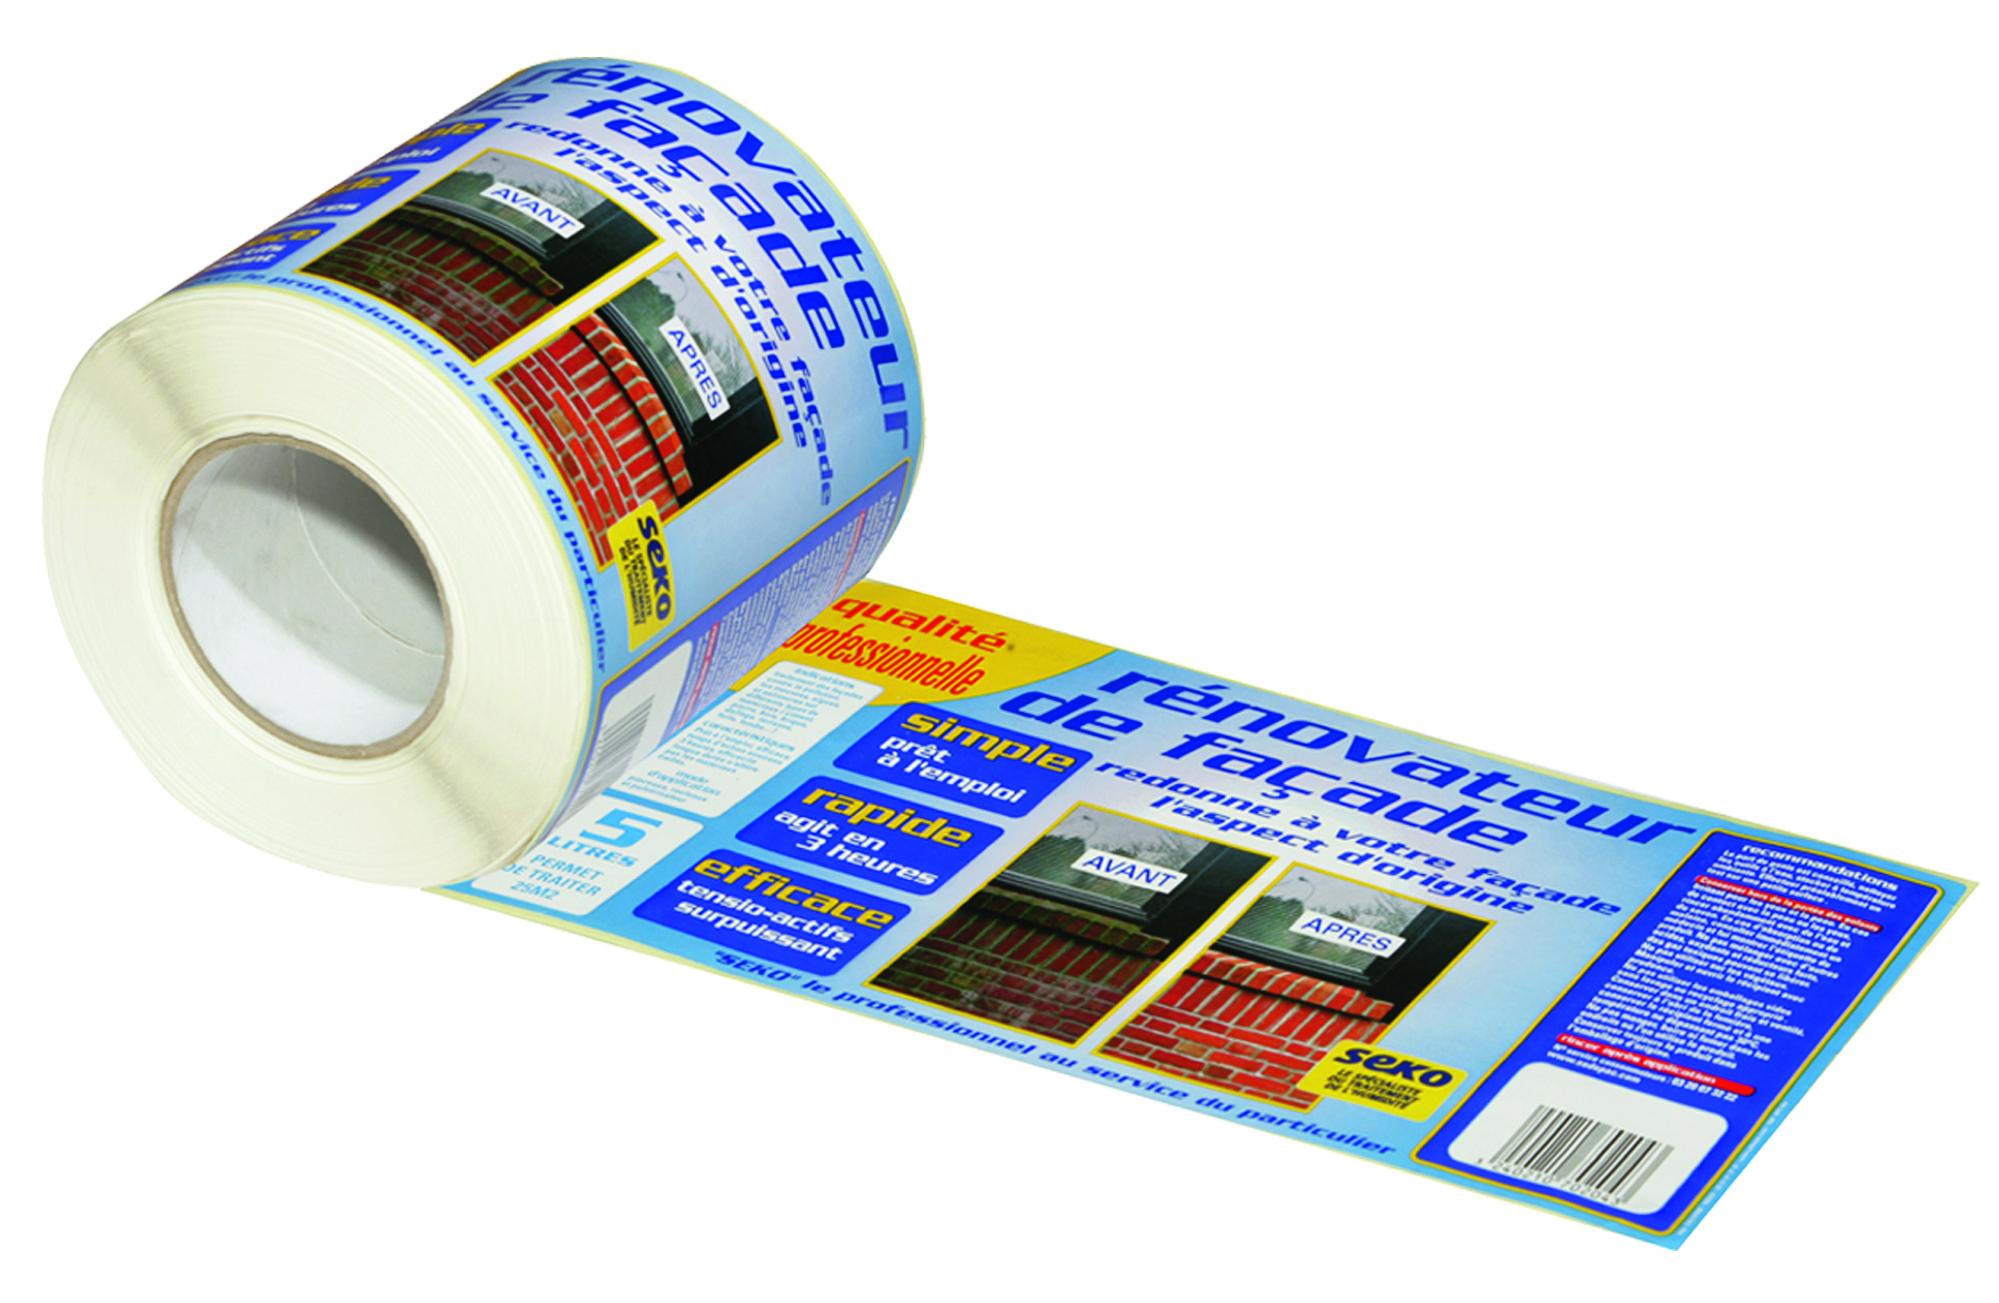 Etiquettes adhesives en rouleaux